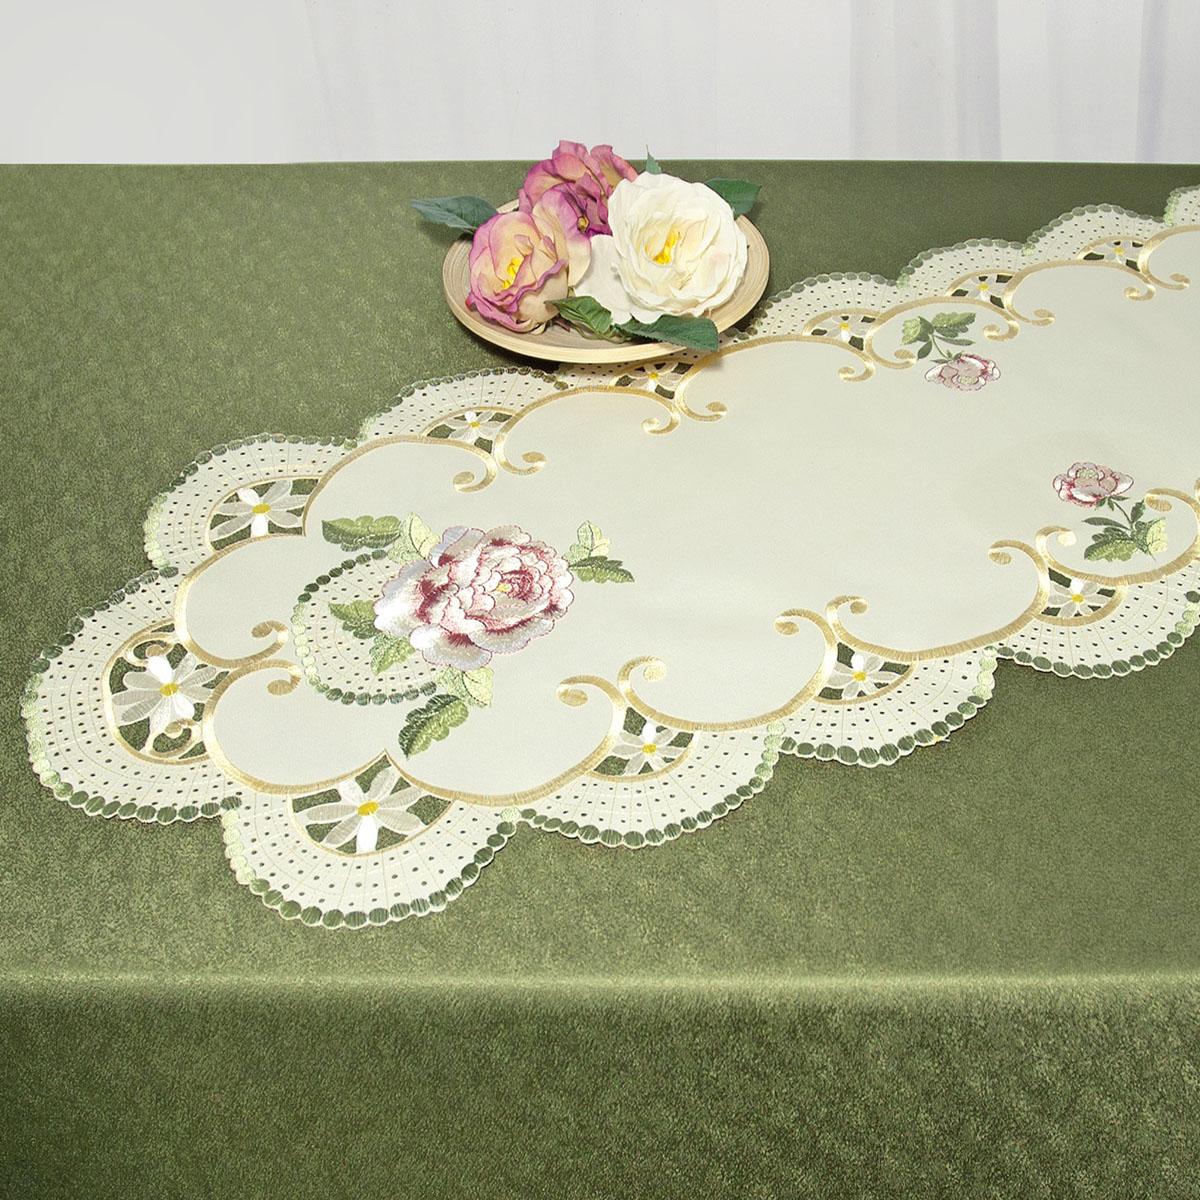 Дорожка для декорирования стола Schaefer, овальная, цвет: бежевый, зеленый, 40 x 110 см 07484-233Ветерок 2ГФДорожка Schaefer выполнена из высококачественного полиэстера и и украшена вышитыми рисунками в виде цветов. Края дорожки оформлены в технике ришелье. Вы можете использовать дорожку для декорирования стола, комода или журнального столика.Благодаря такой дорожке вы защитите поверхность мебели от воды, пятен и механических воздействий, а также создадите атмосферу уюта и домашнего тепла в интерьере вашей квартиры. Изделия из искусственных волокон легко стирать: они не мнутся, не садятся и быстро сохнут, они более долговечны, чем изделия из натуральных волокон.Изысканный текстиль от немецкой компании Schaefer - это красота, стиль и уют в вашем доме. Дорожка органично впишется в интерьер любого помещения, а оригинальный дизайн удовлетворит даже самый изысканный вкус. Дарите себе и близким красоту каждый день!